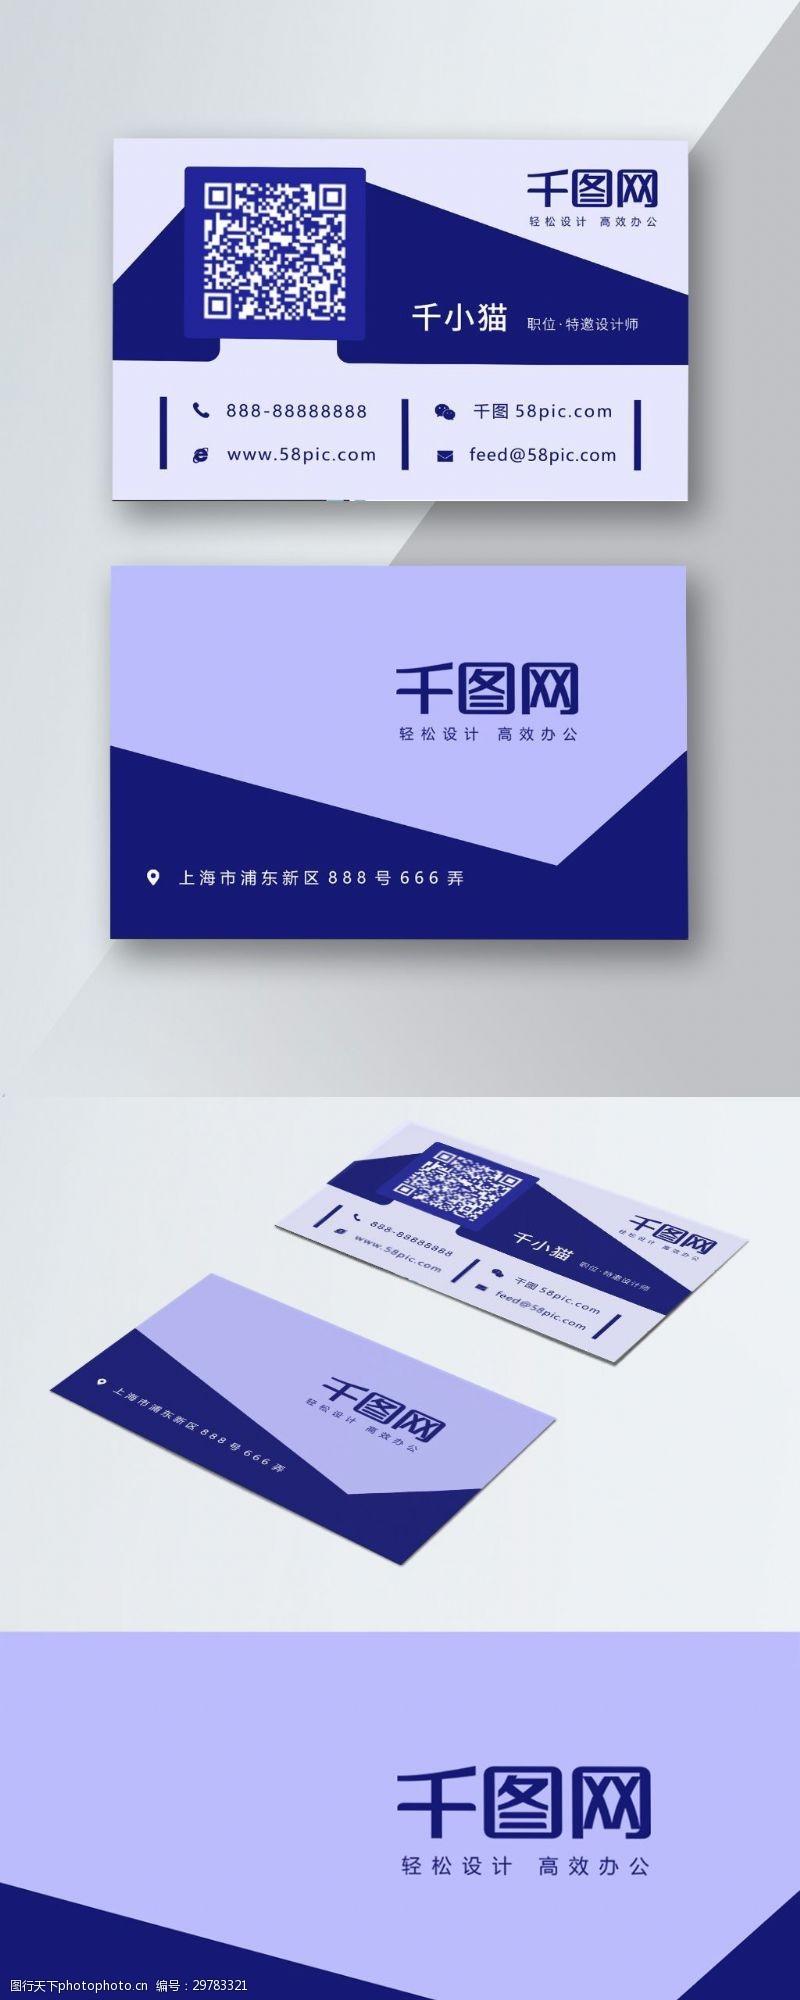 几何名片模板蓝色商务名片设计